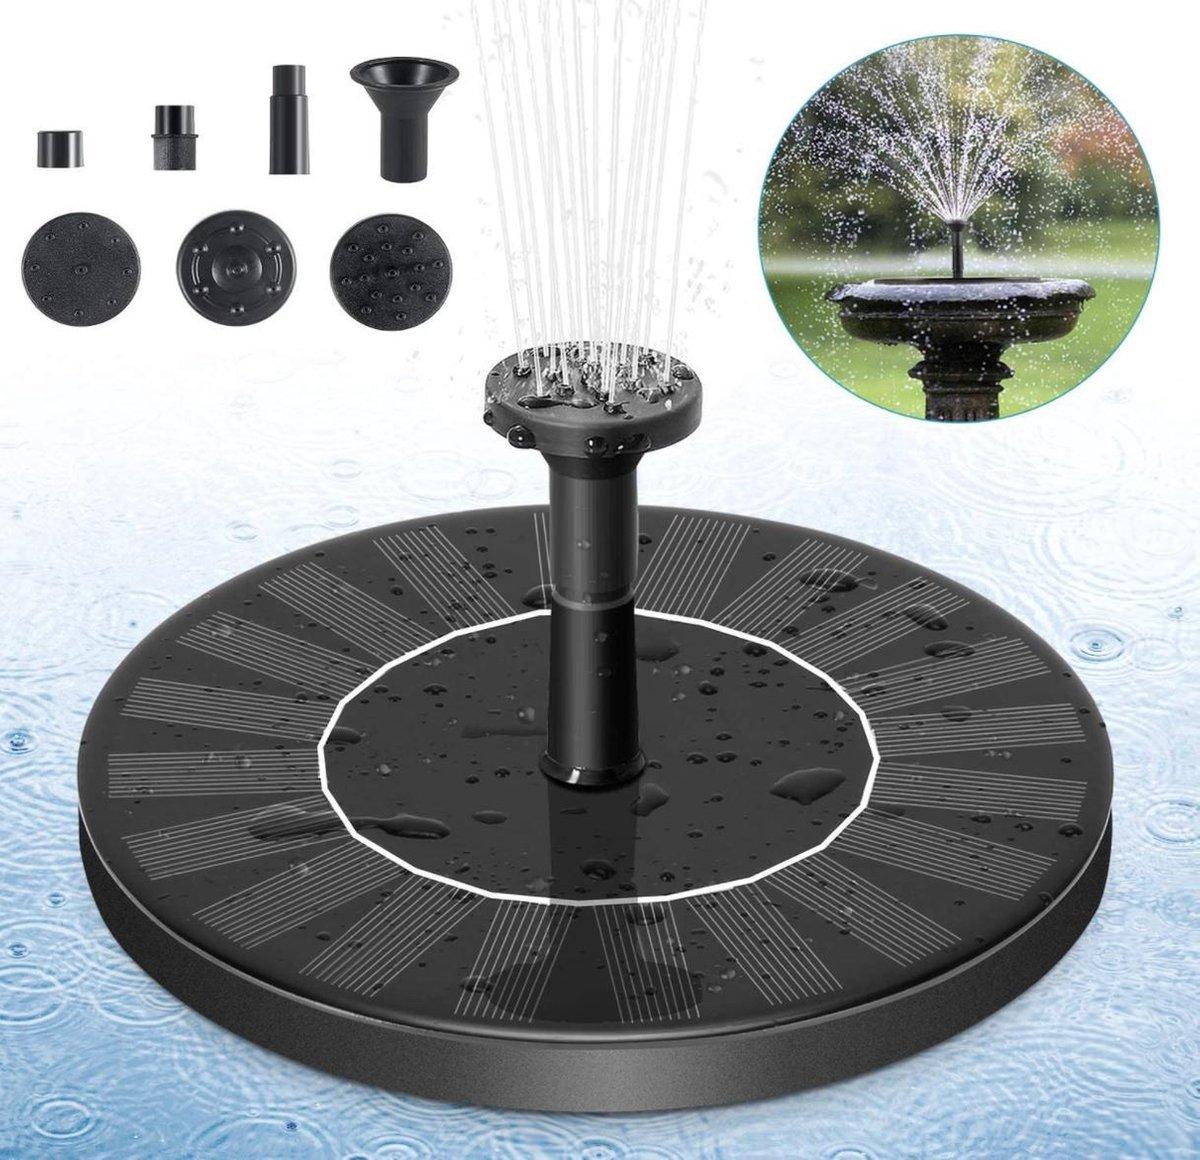 Multifunctionele fontein op zonne-energie  16cm - inclusief handleiding & 6 fonteinkoppen - milieuvr